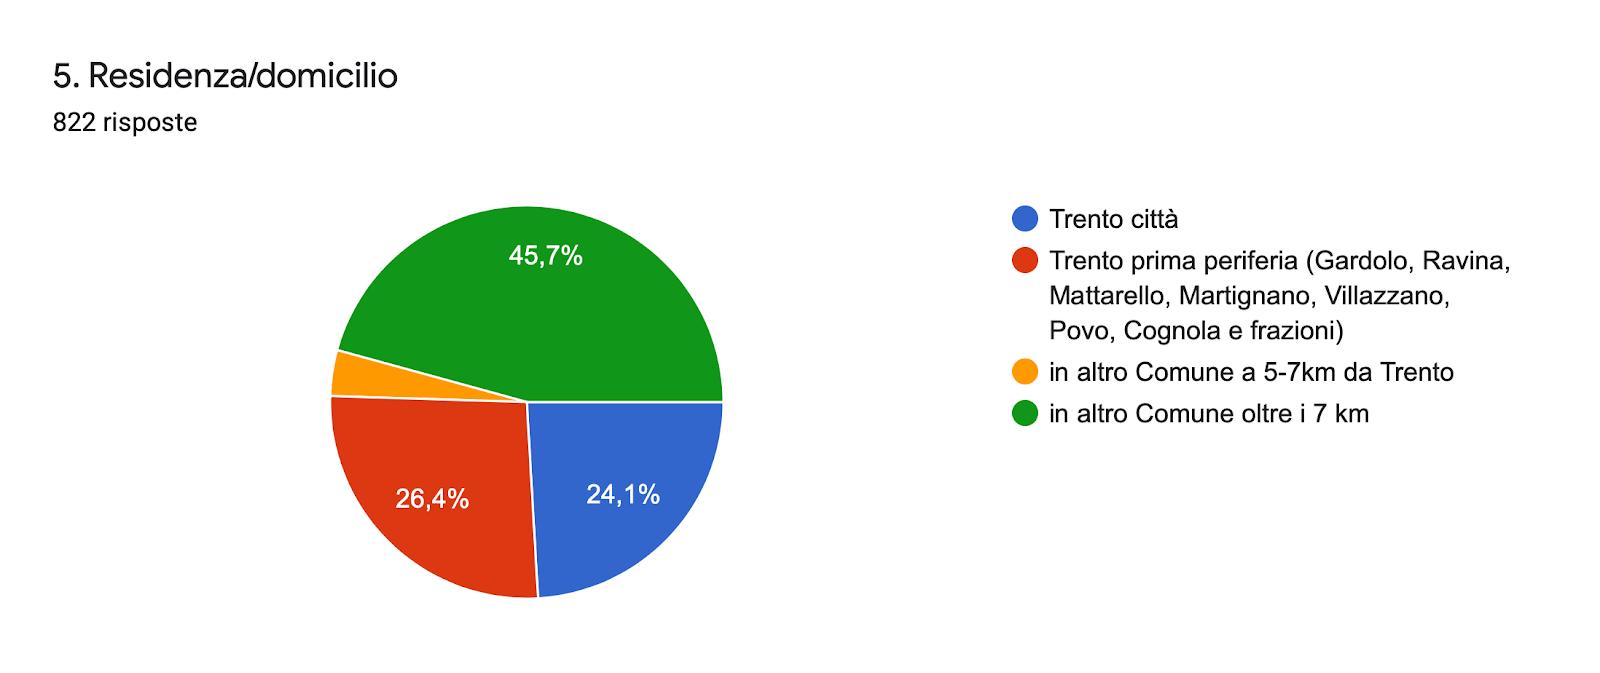 Grafico delle risposte di Moduli. Titolo della domanda: 5. Residenza/domicilio. Numero di risposte: 822 risposte.